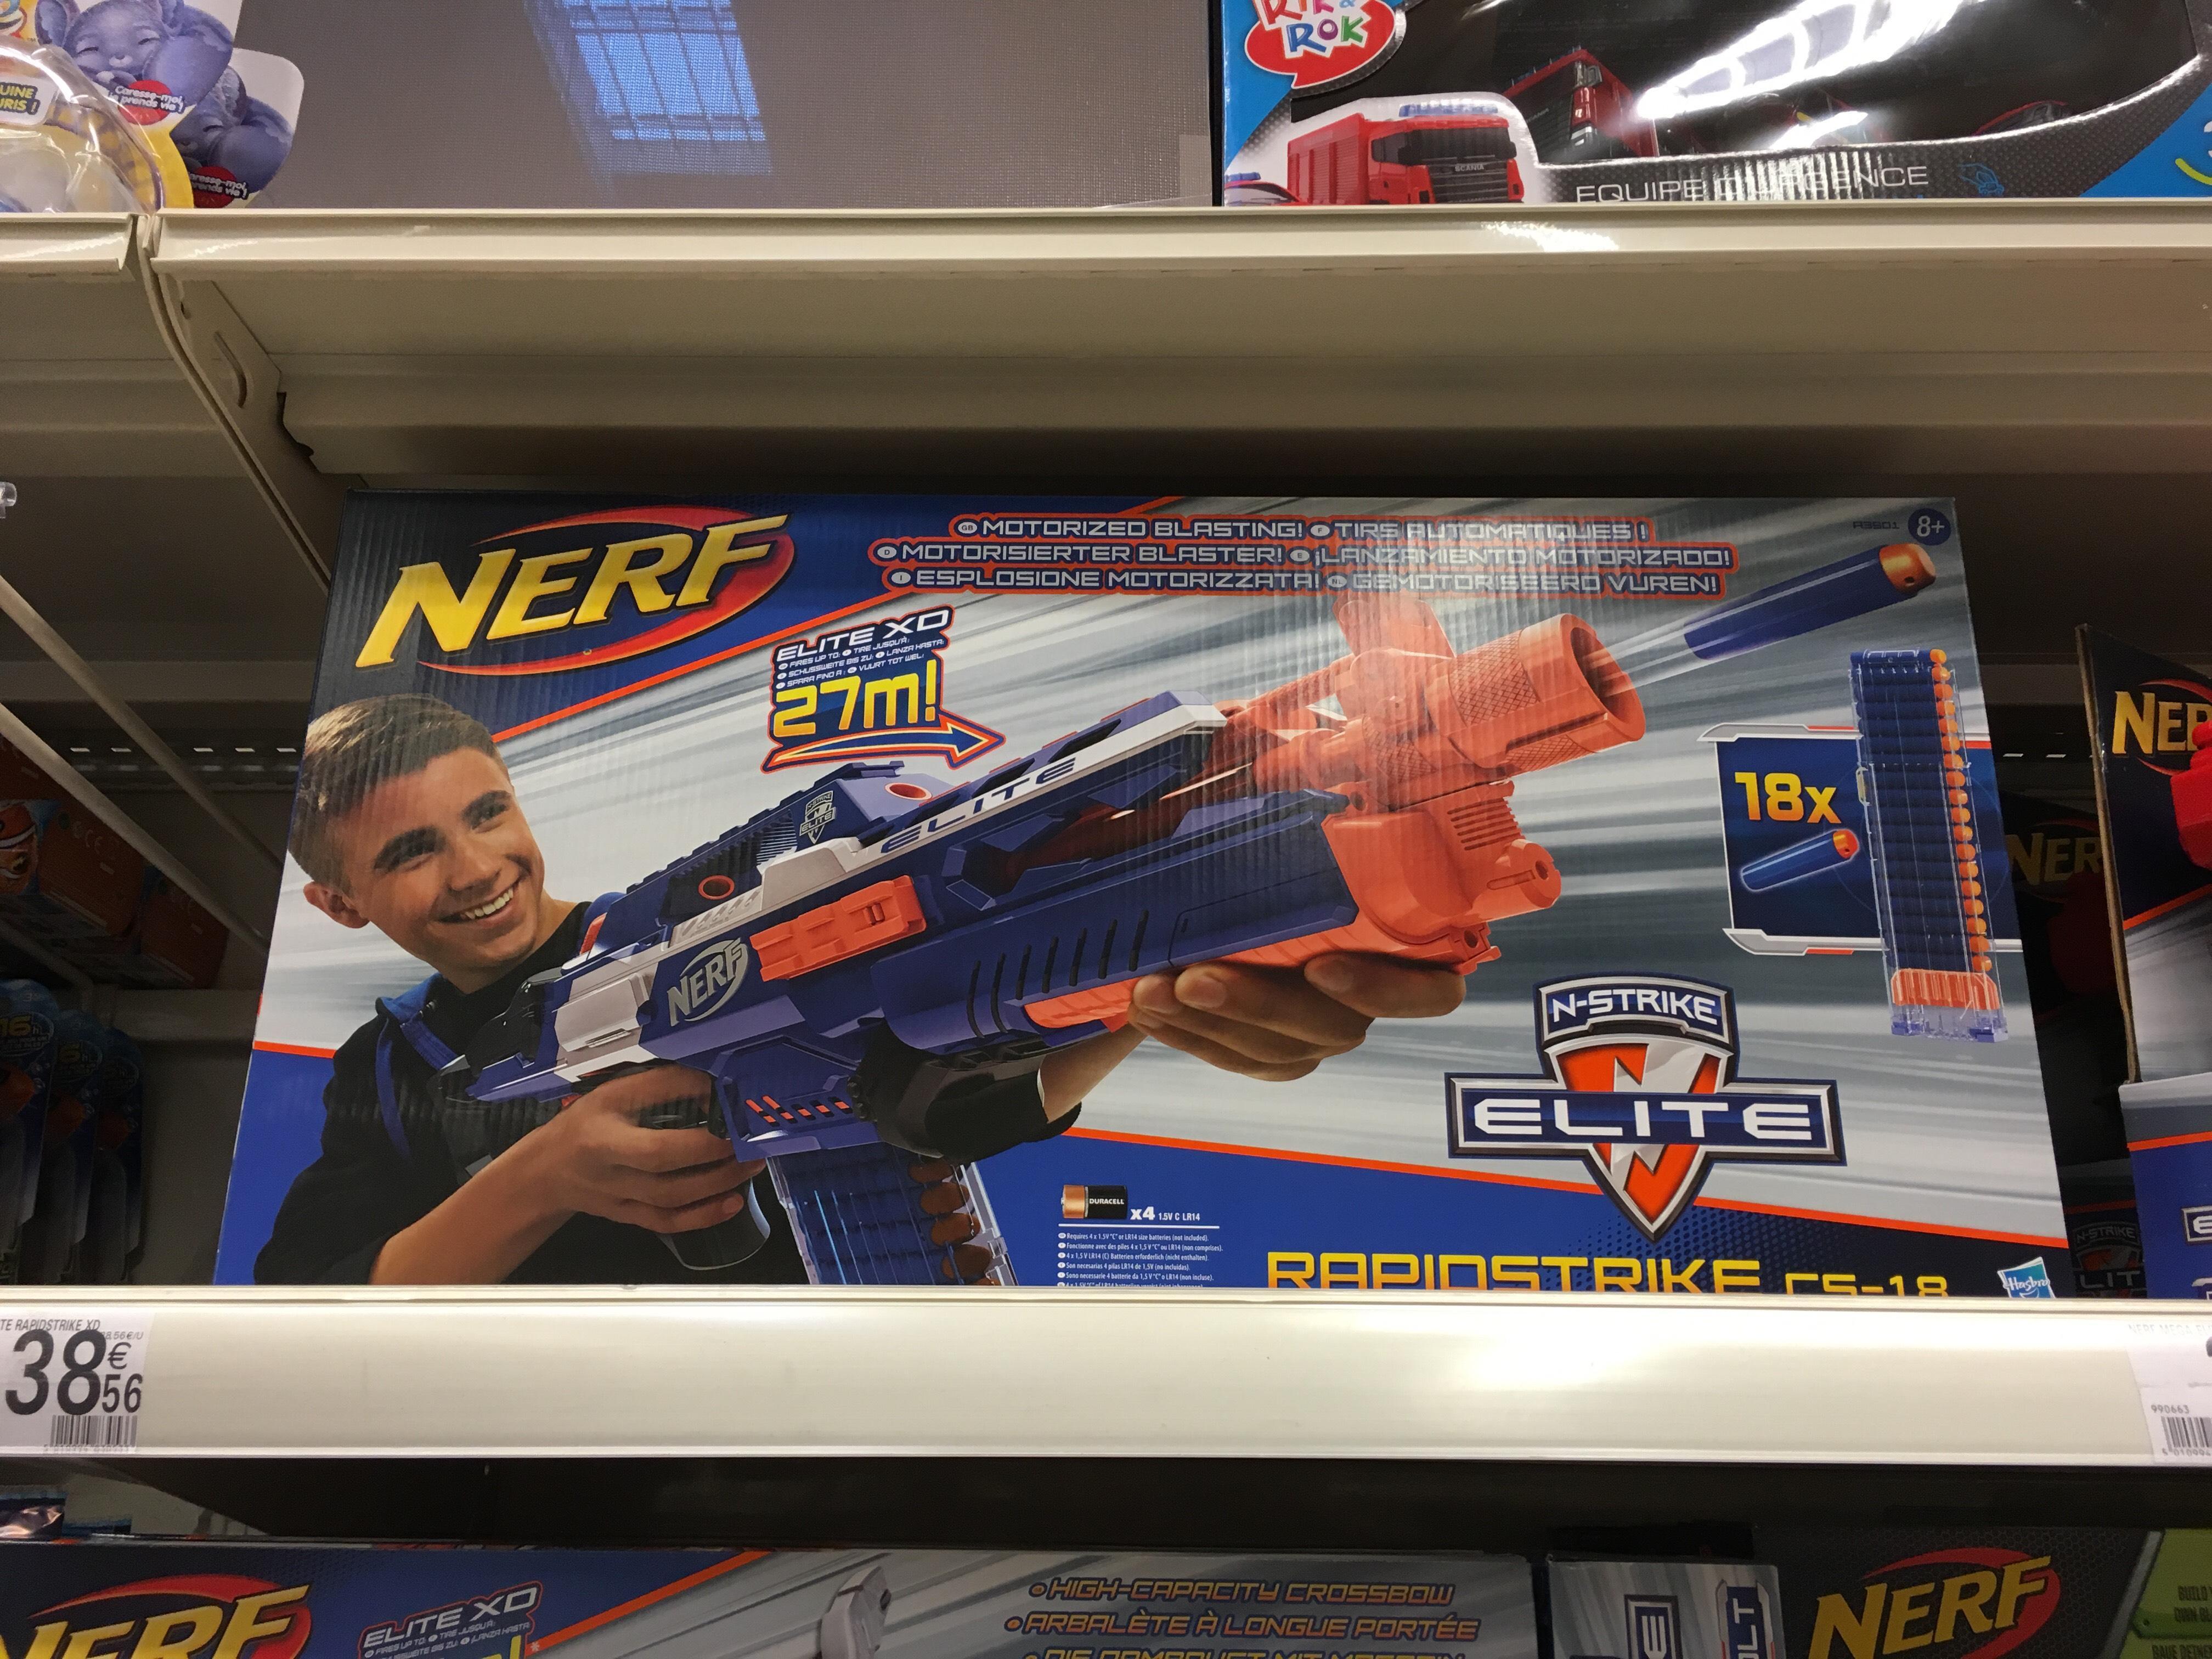 Pistolet Nerf Rapidstrike CS-18 (Avec ODR de 50%)